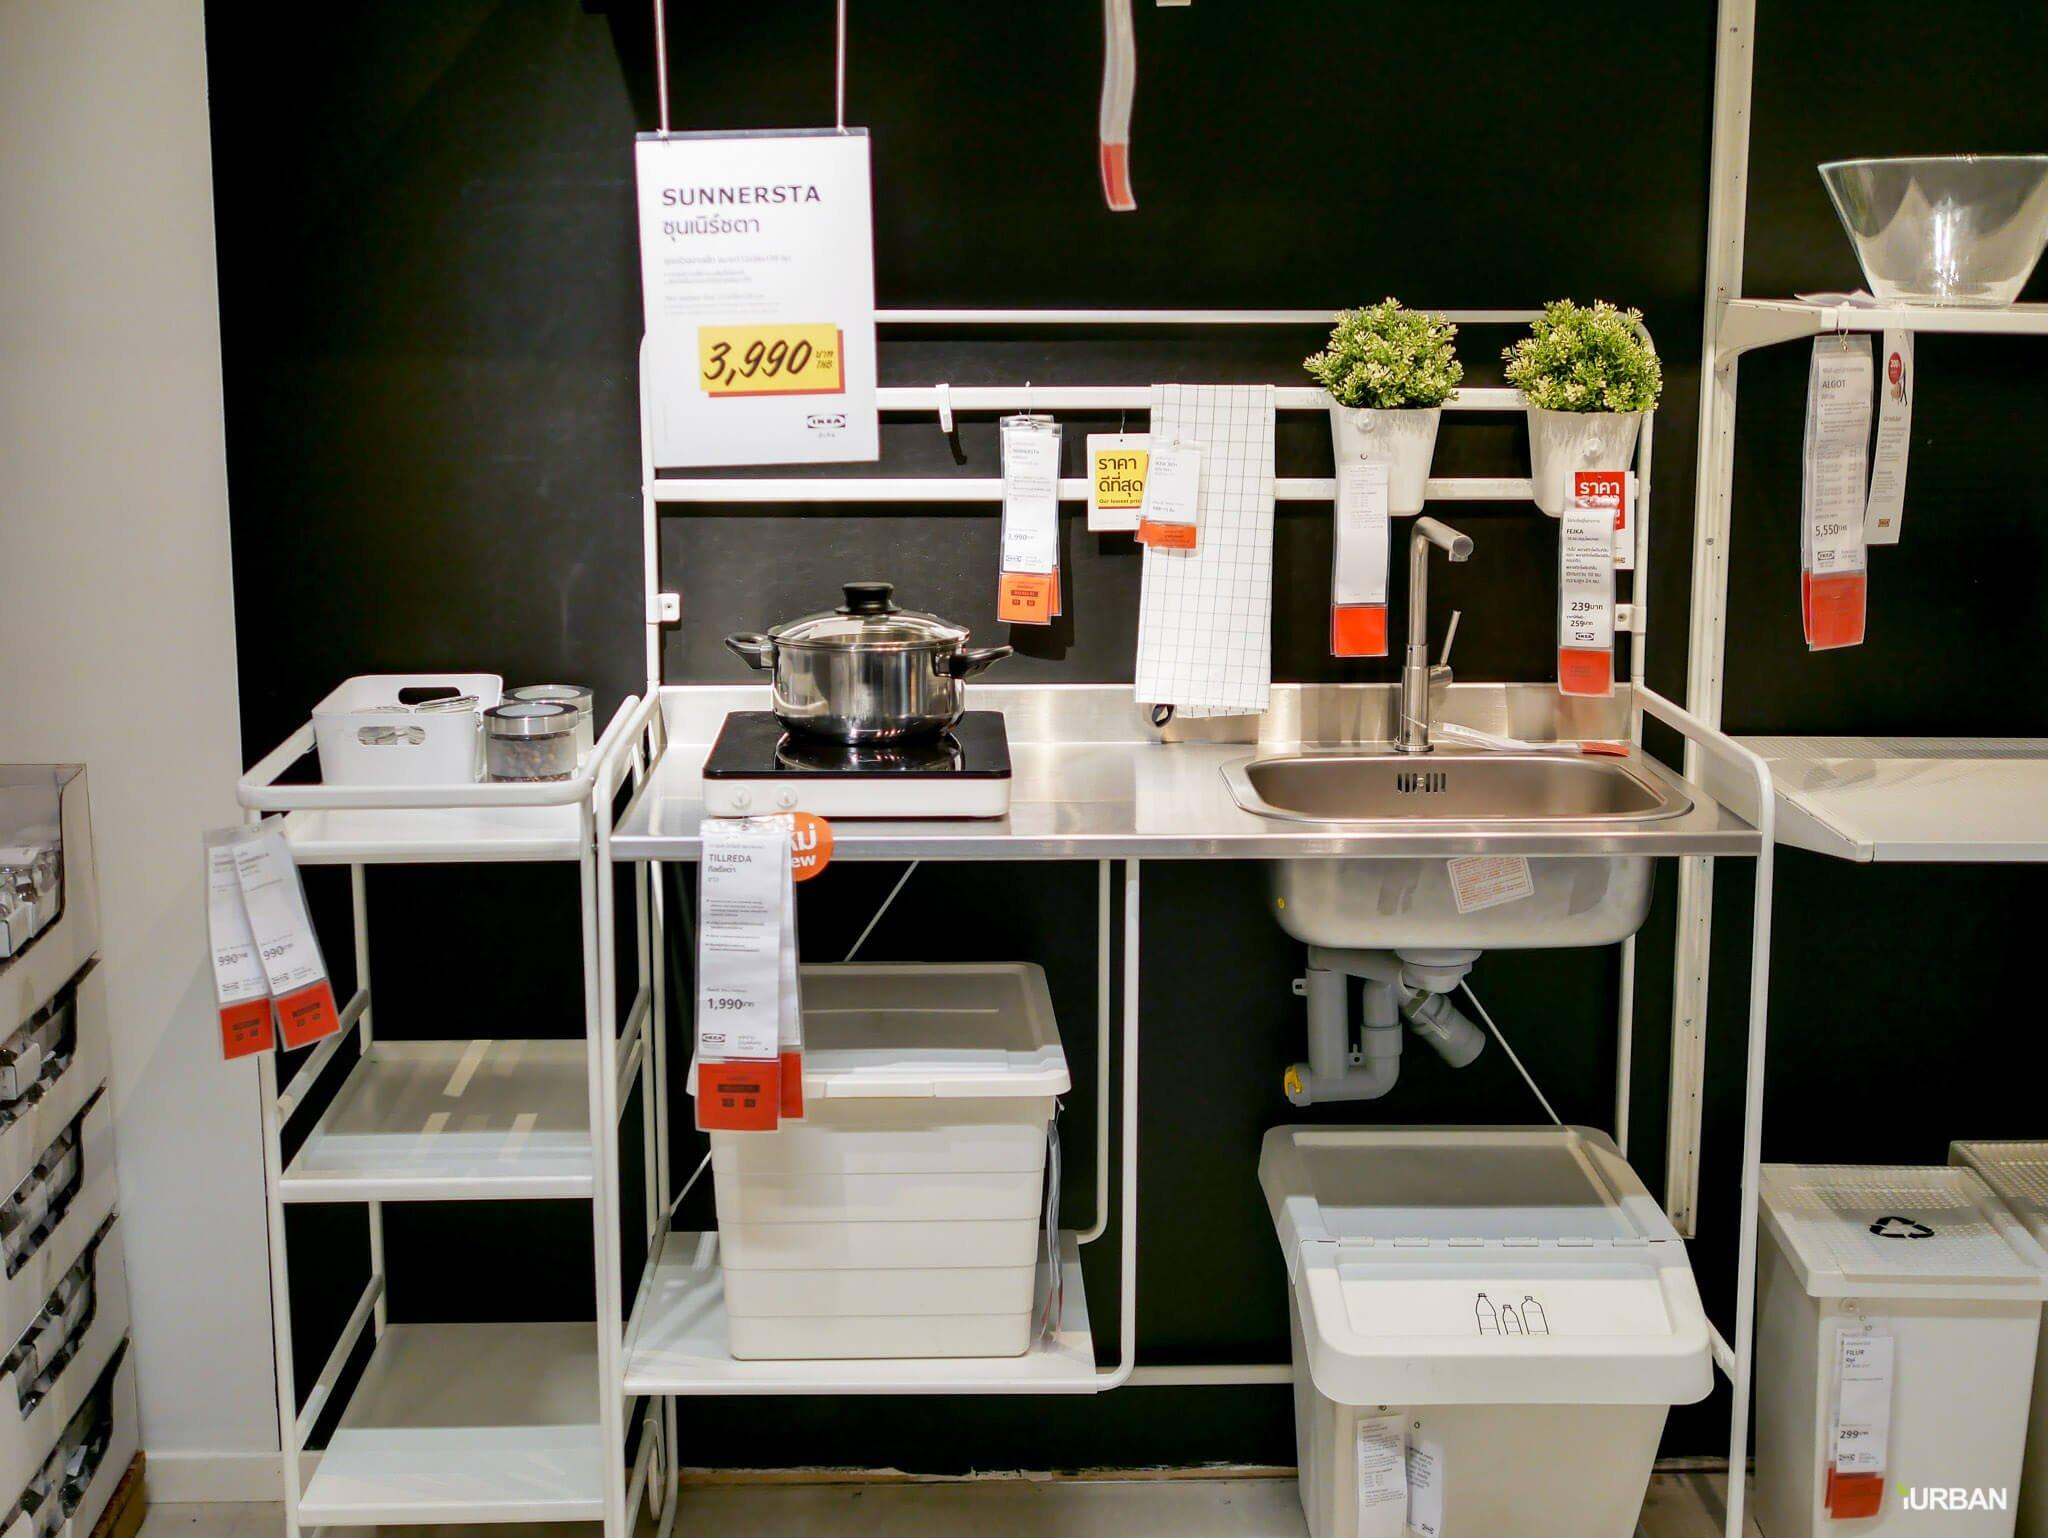 มันเยอะมากกกก!! IKEA Year End SALE 2017 รวมของเซลในอิเกีย ลดเยอะ ลดแหลก รีบพุ่งตัวไป วันนี้ - 7 มกราคม 61 54 - IKEA (อิเกีย)